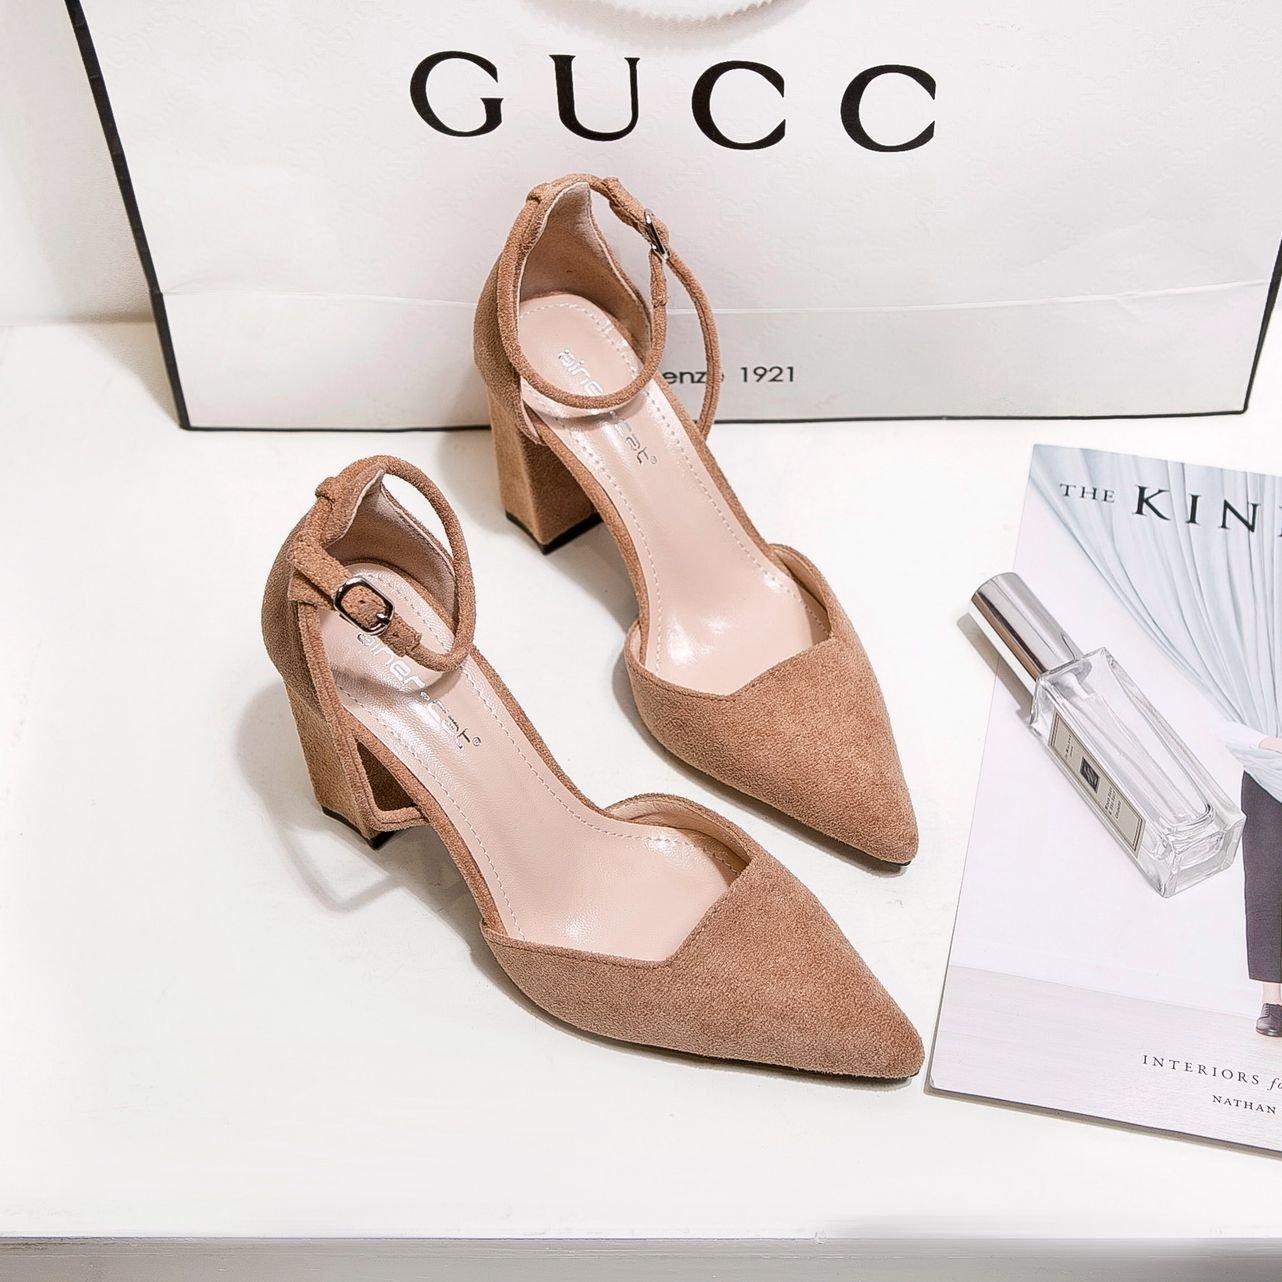 ZHZNVX Tipp des high-heel Schuhe neue geschlitzten Satin rauh mit Frauen Schuhe hohe hingewiesen - Sandaletten flache Mund einzelne Schuhe